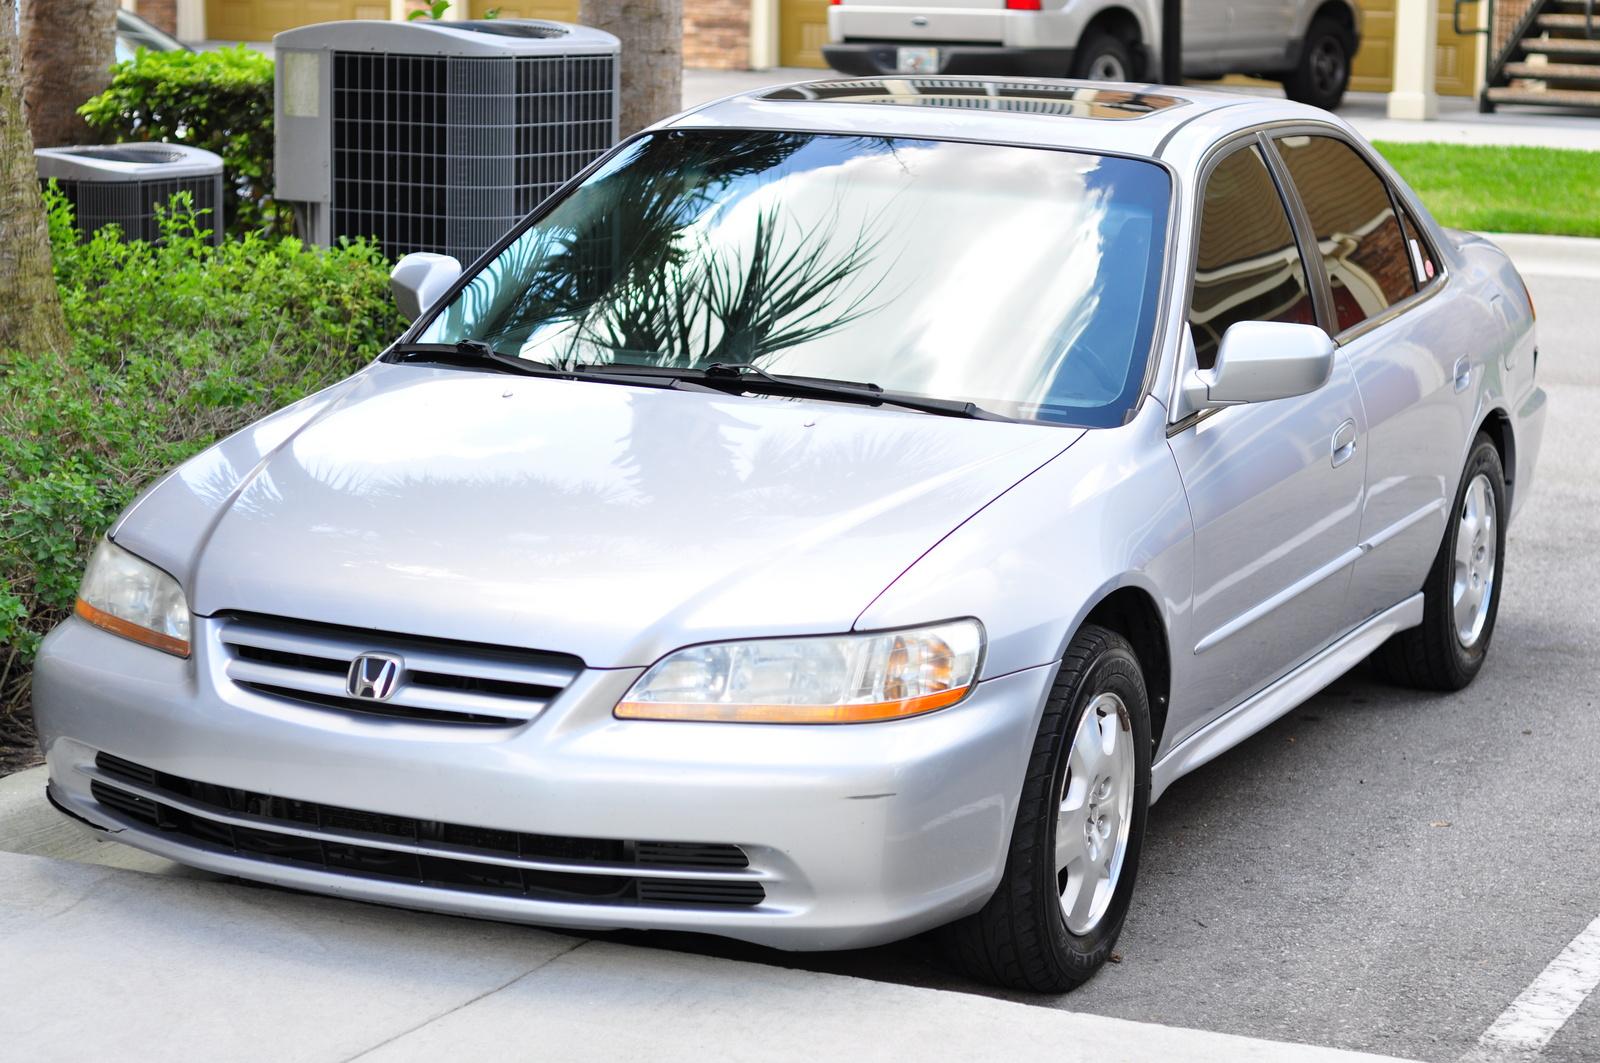 2002 Honda Accord - Pictures - CarGurus